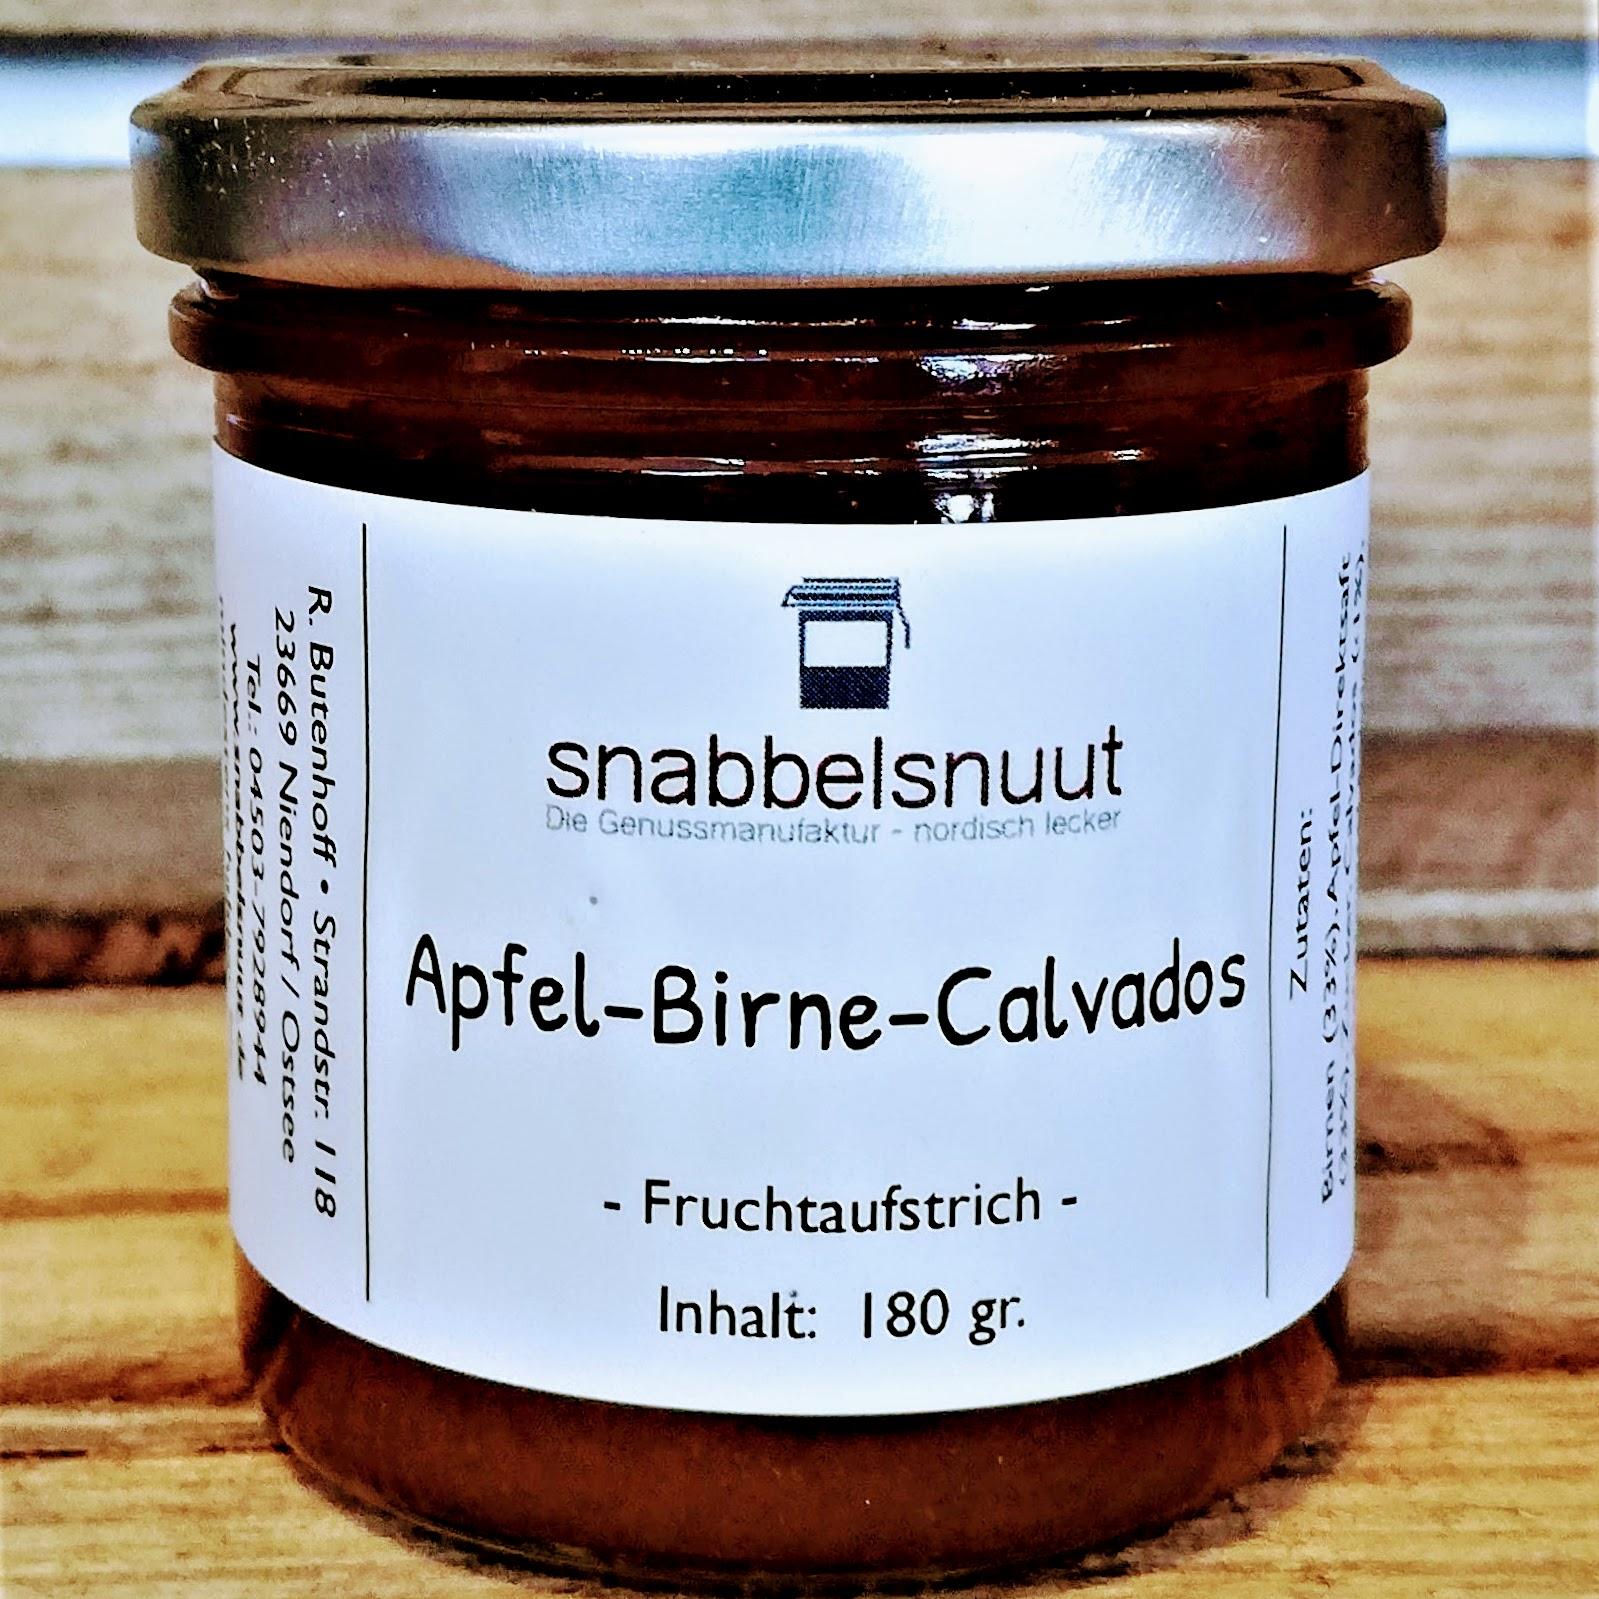 Apfel-Birne-Calvados